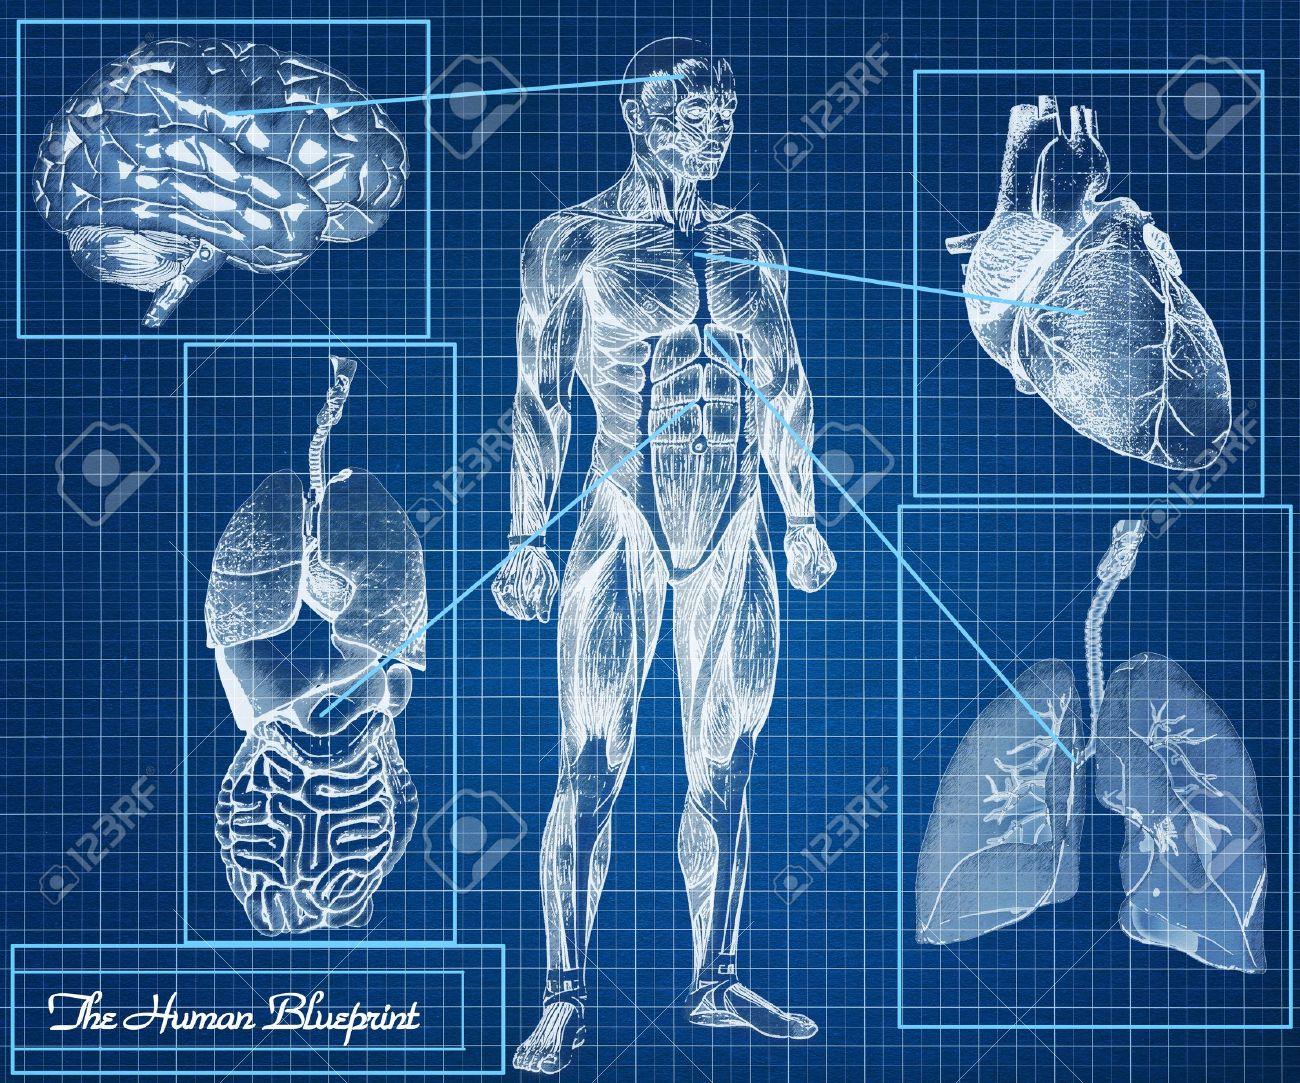 Los órganos Del Concepto Blueprint Humano, Cuerpo, Corazón, Pulmones ...